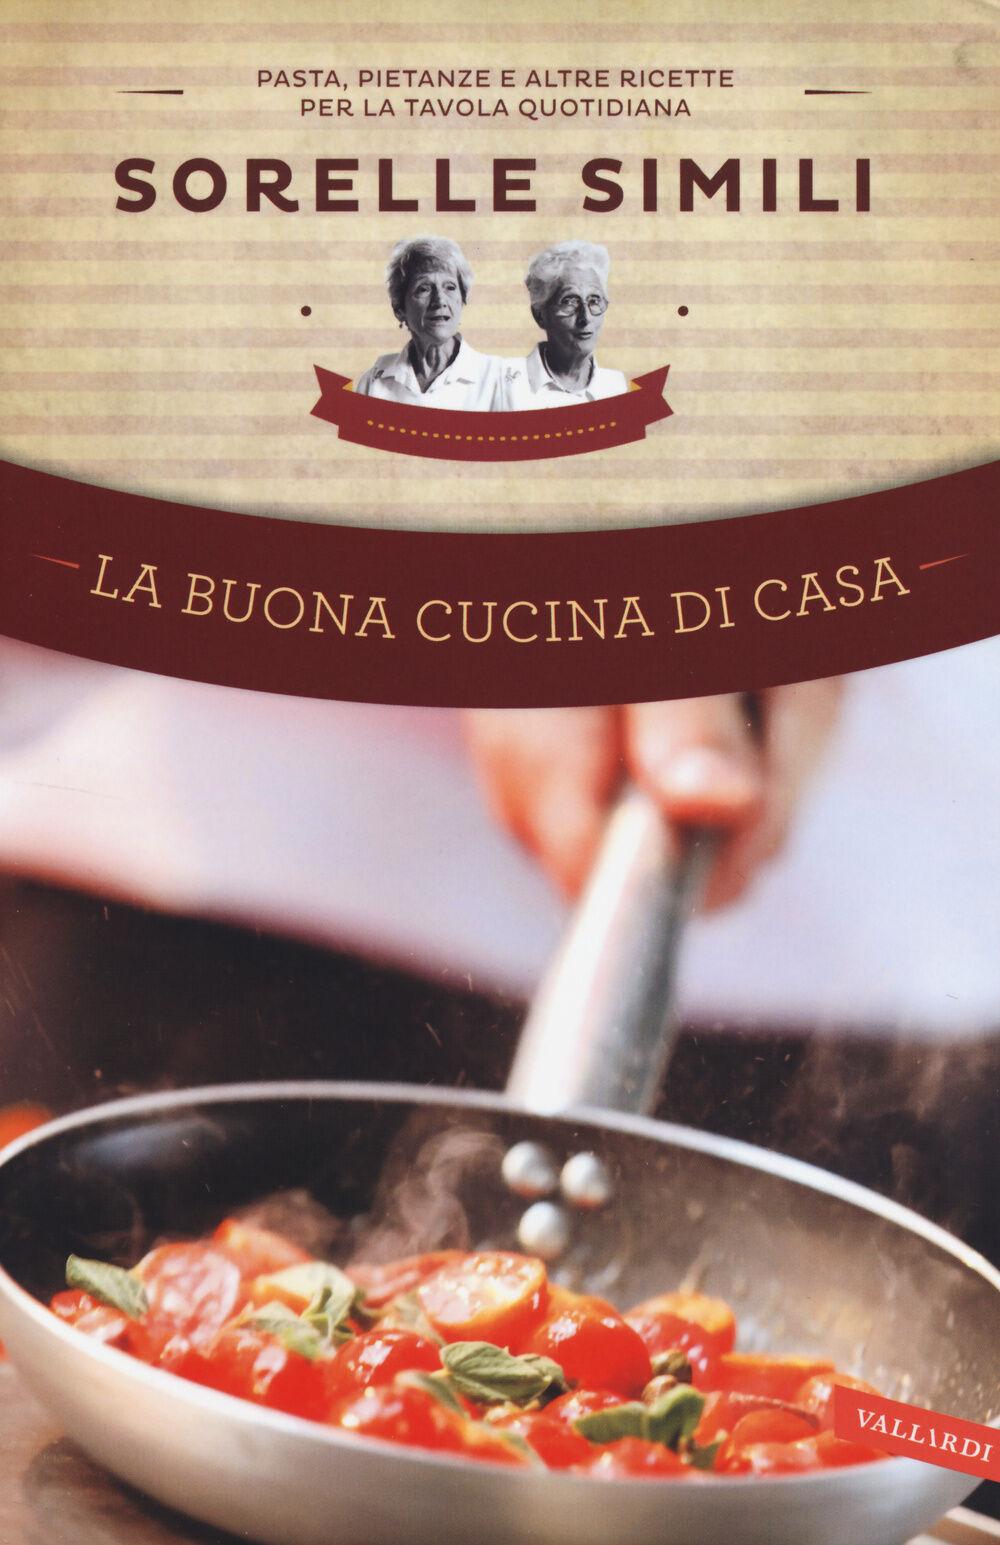 La buona cucina di casa. Pasta, pietanze e altre ricette per la tavola quotidiana